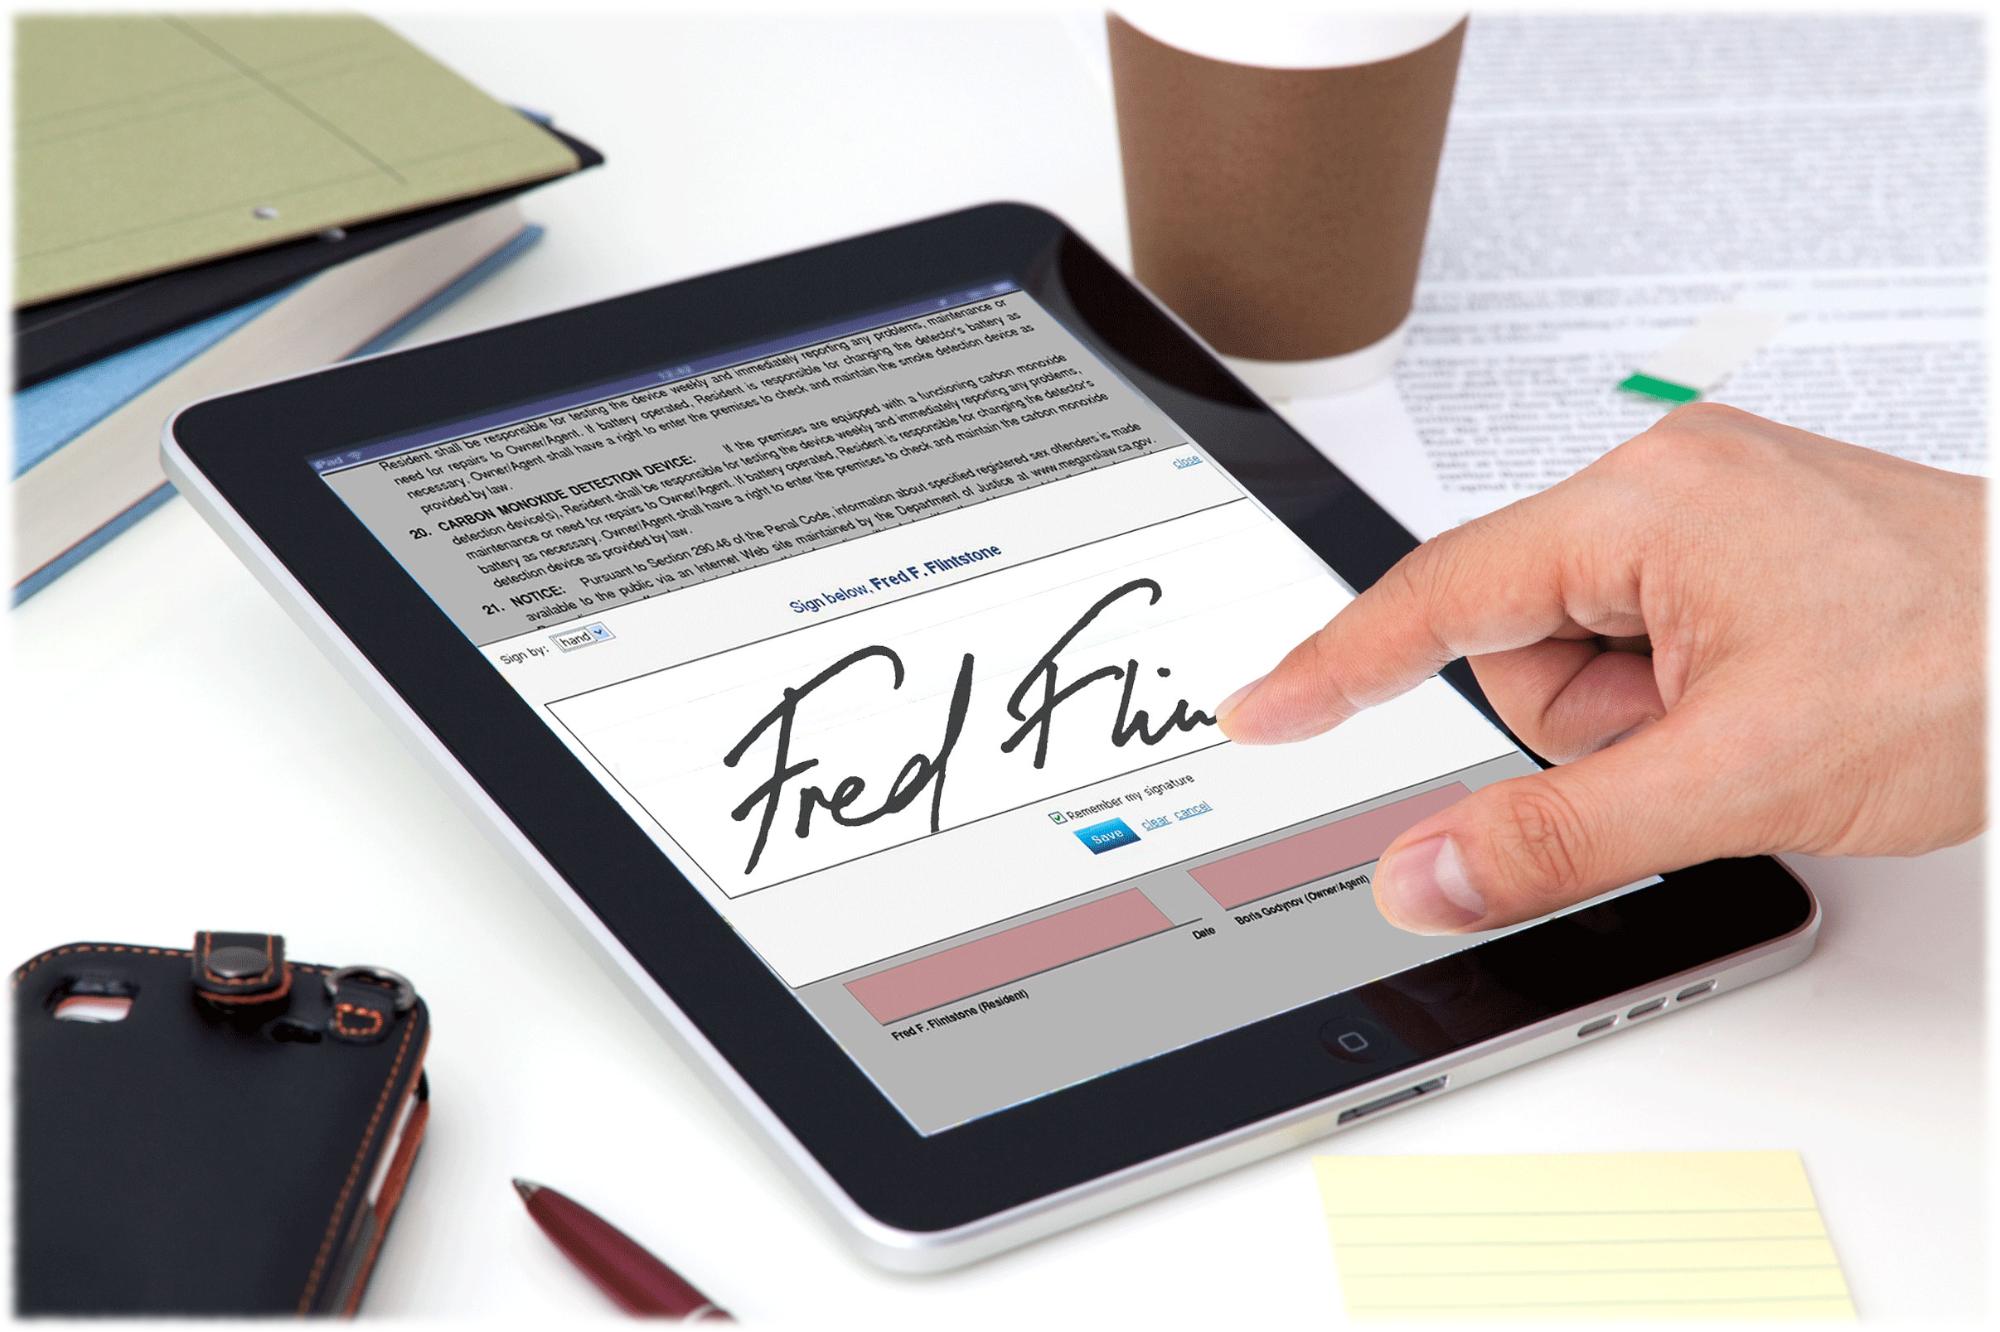 усиленная квалифицированная цифровая подпись